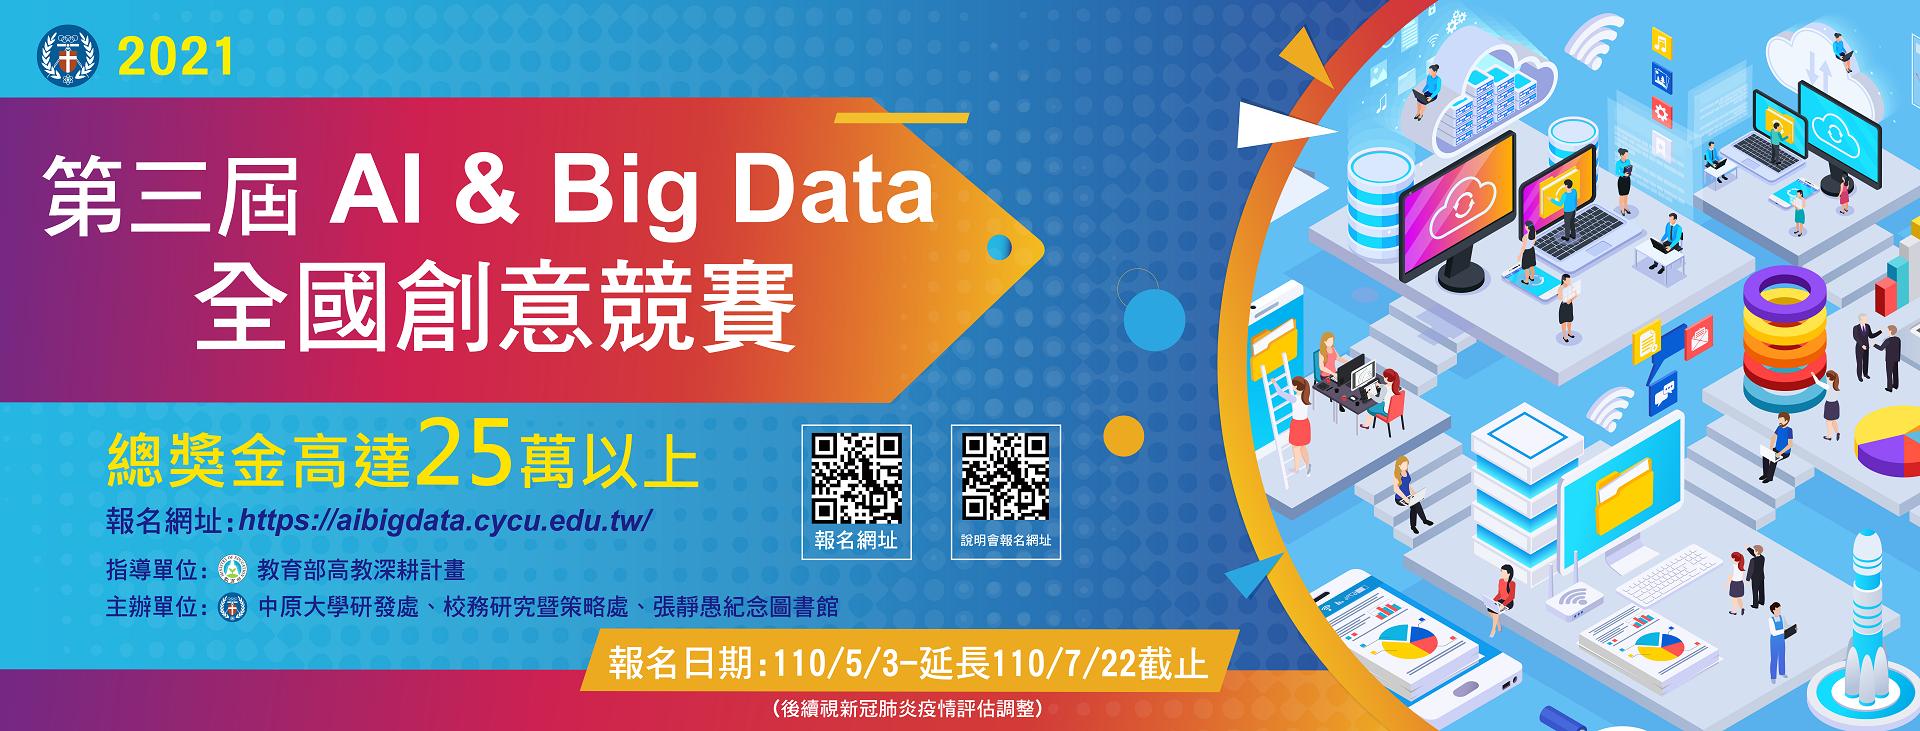 中原大學第三屆AI & Big Data創意競賽